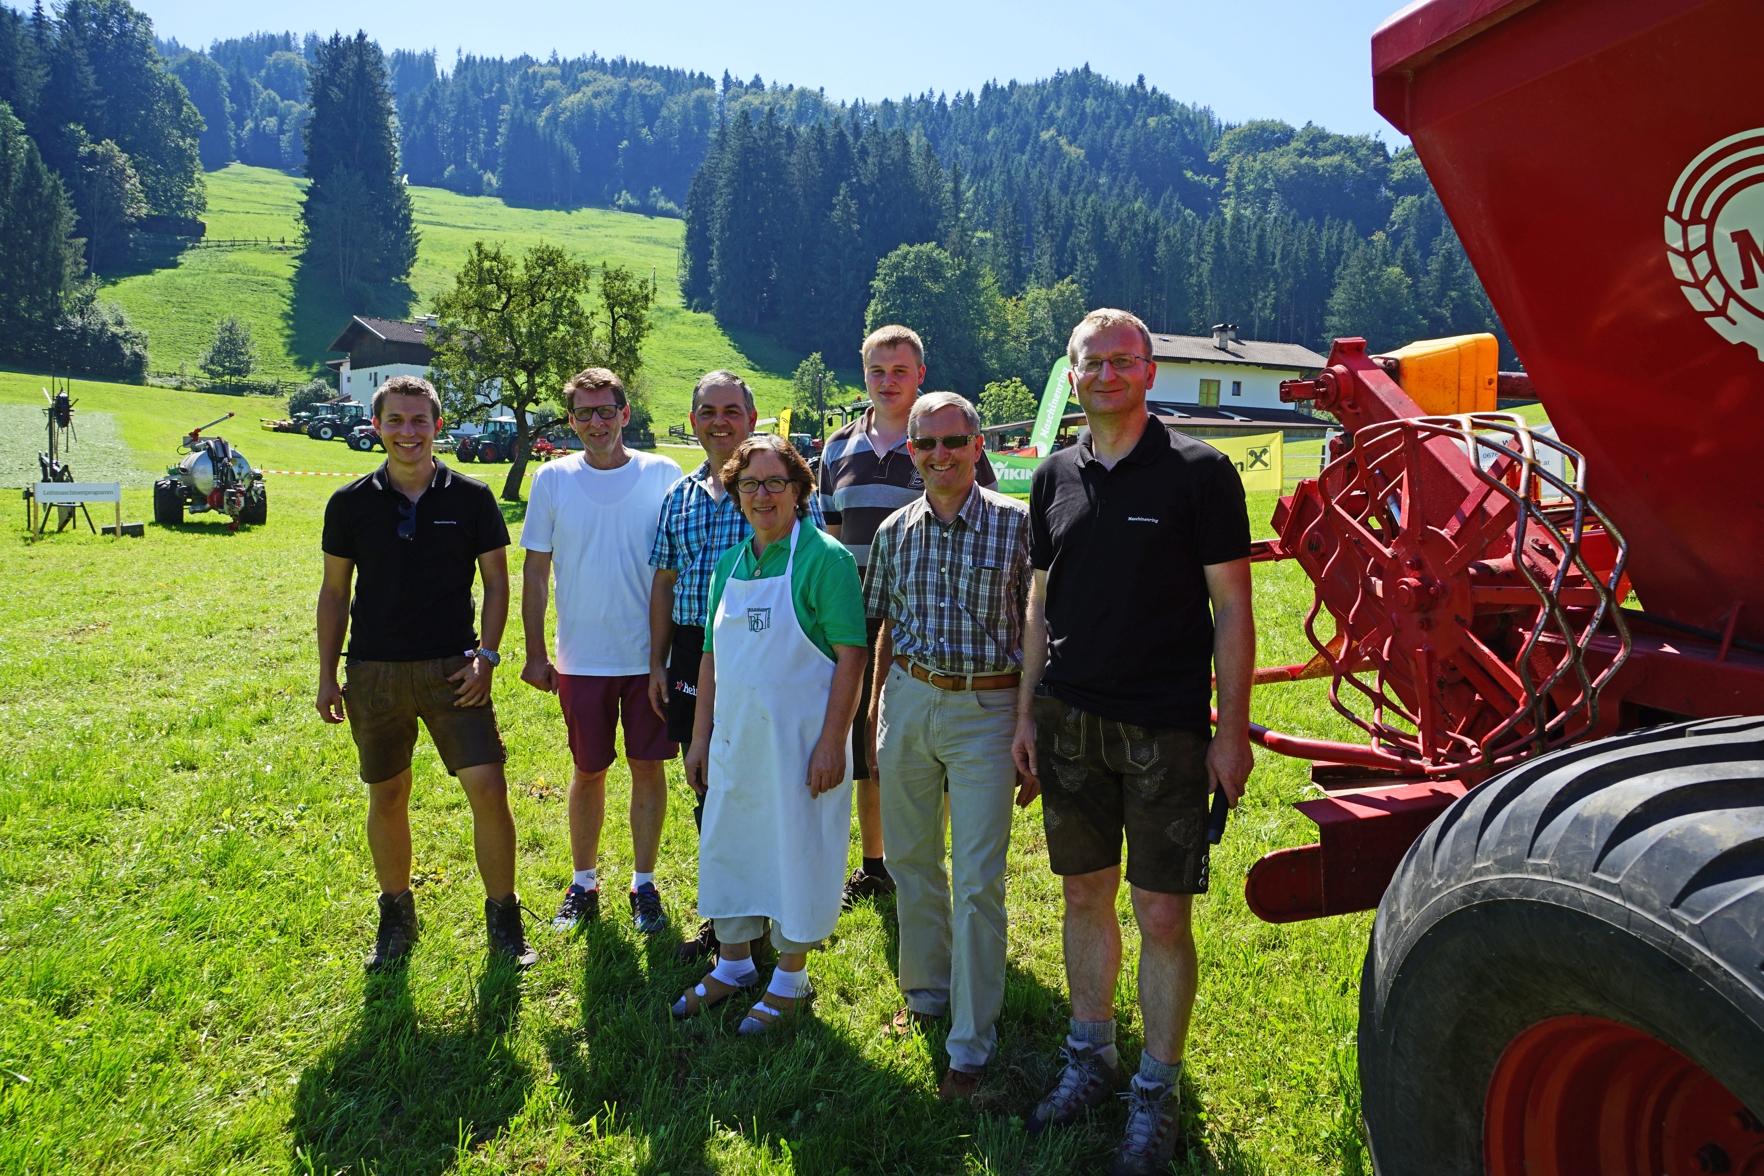 Landwirtschaft am Puls der Zeit: Kooperation & Flexibilität sind gefragt